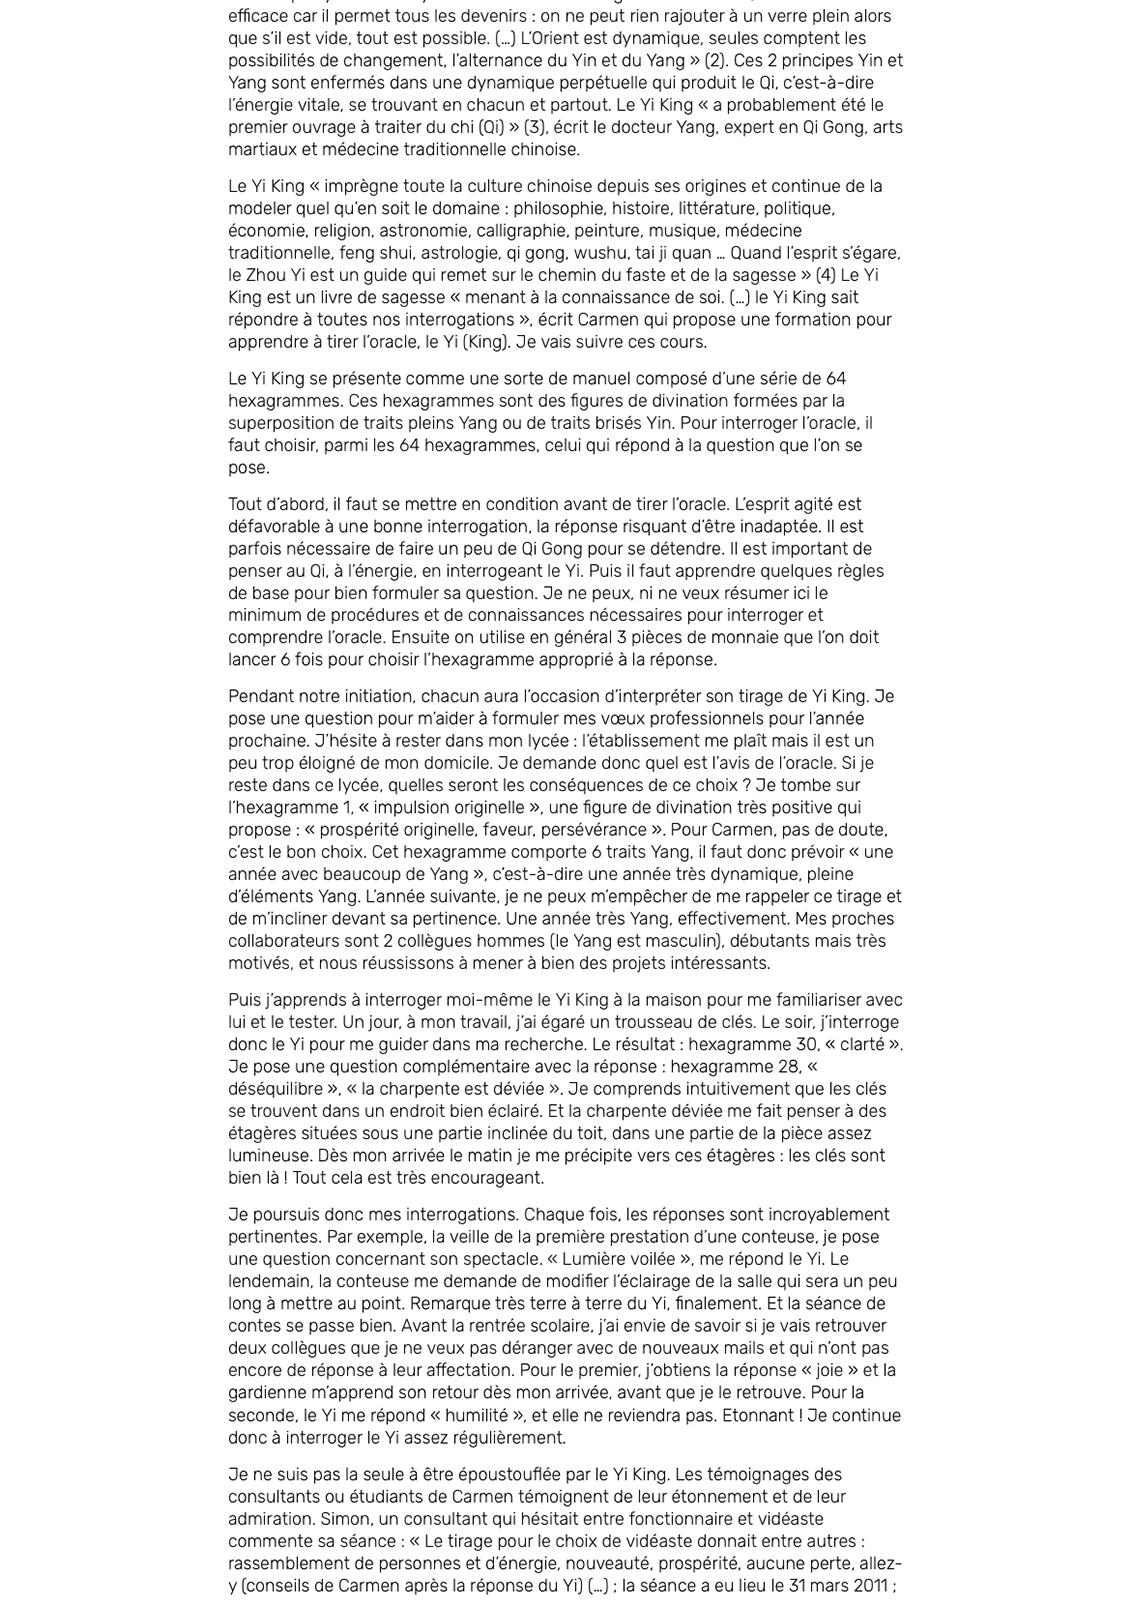 Bondy Blog - Vous saurez tout sur le… Yi Jing - Page 2